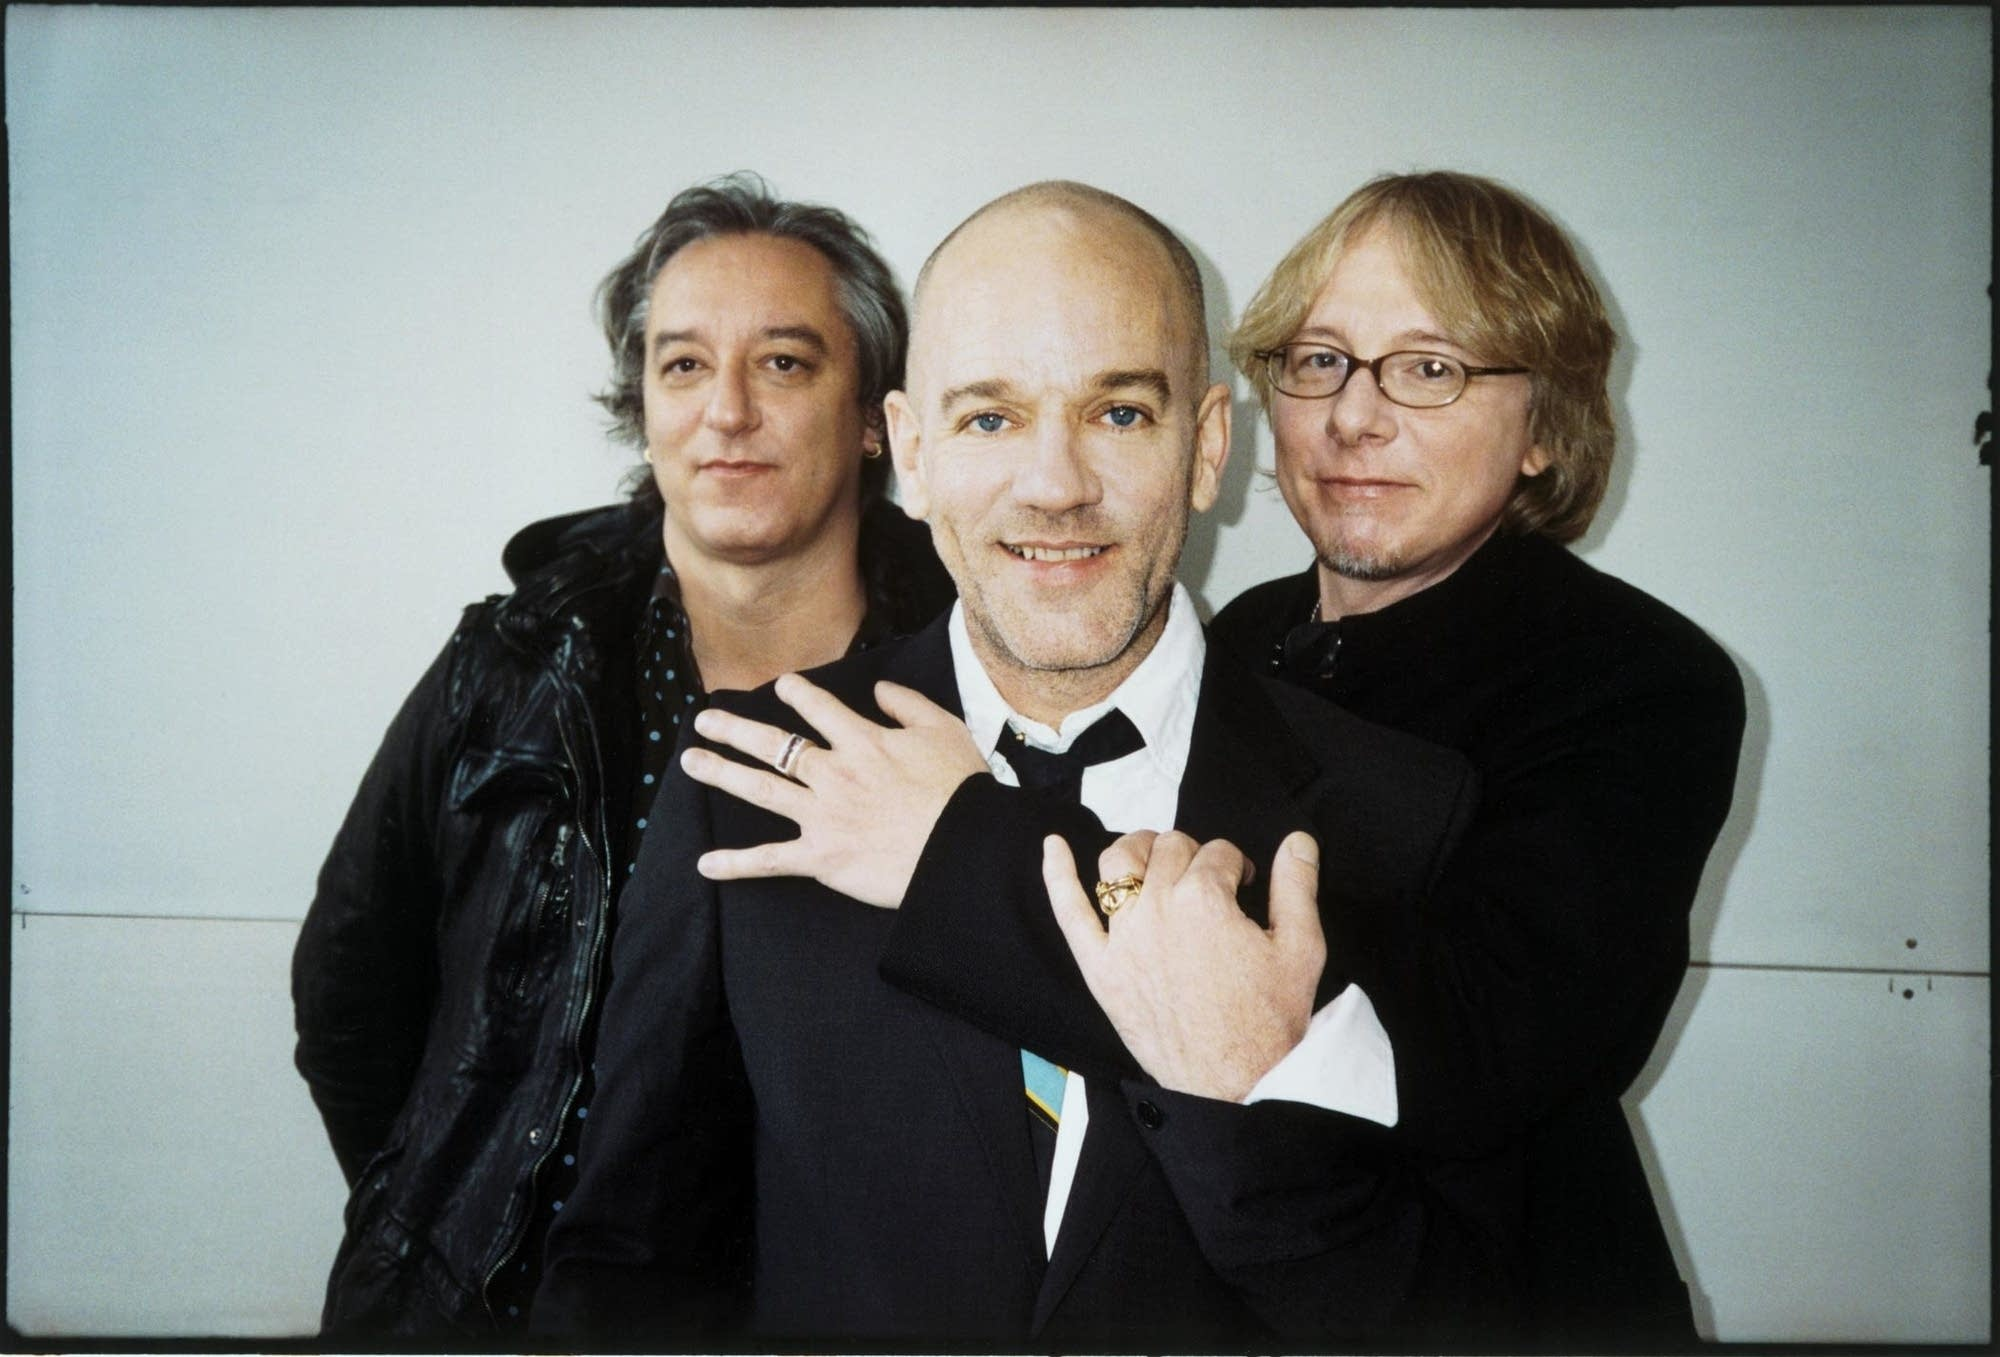 R.E.M press photo